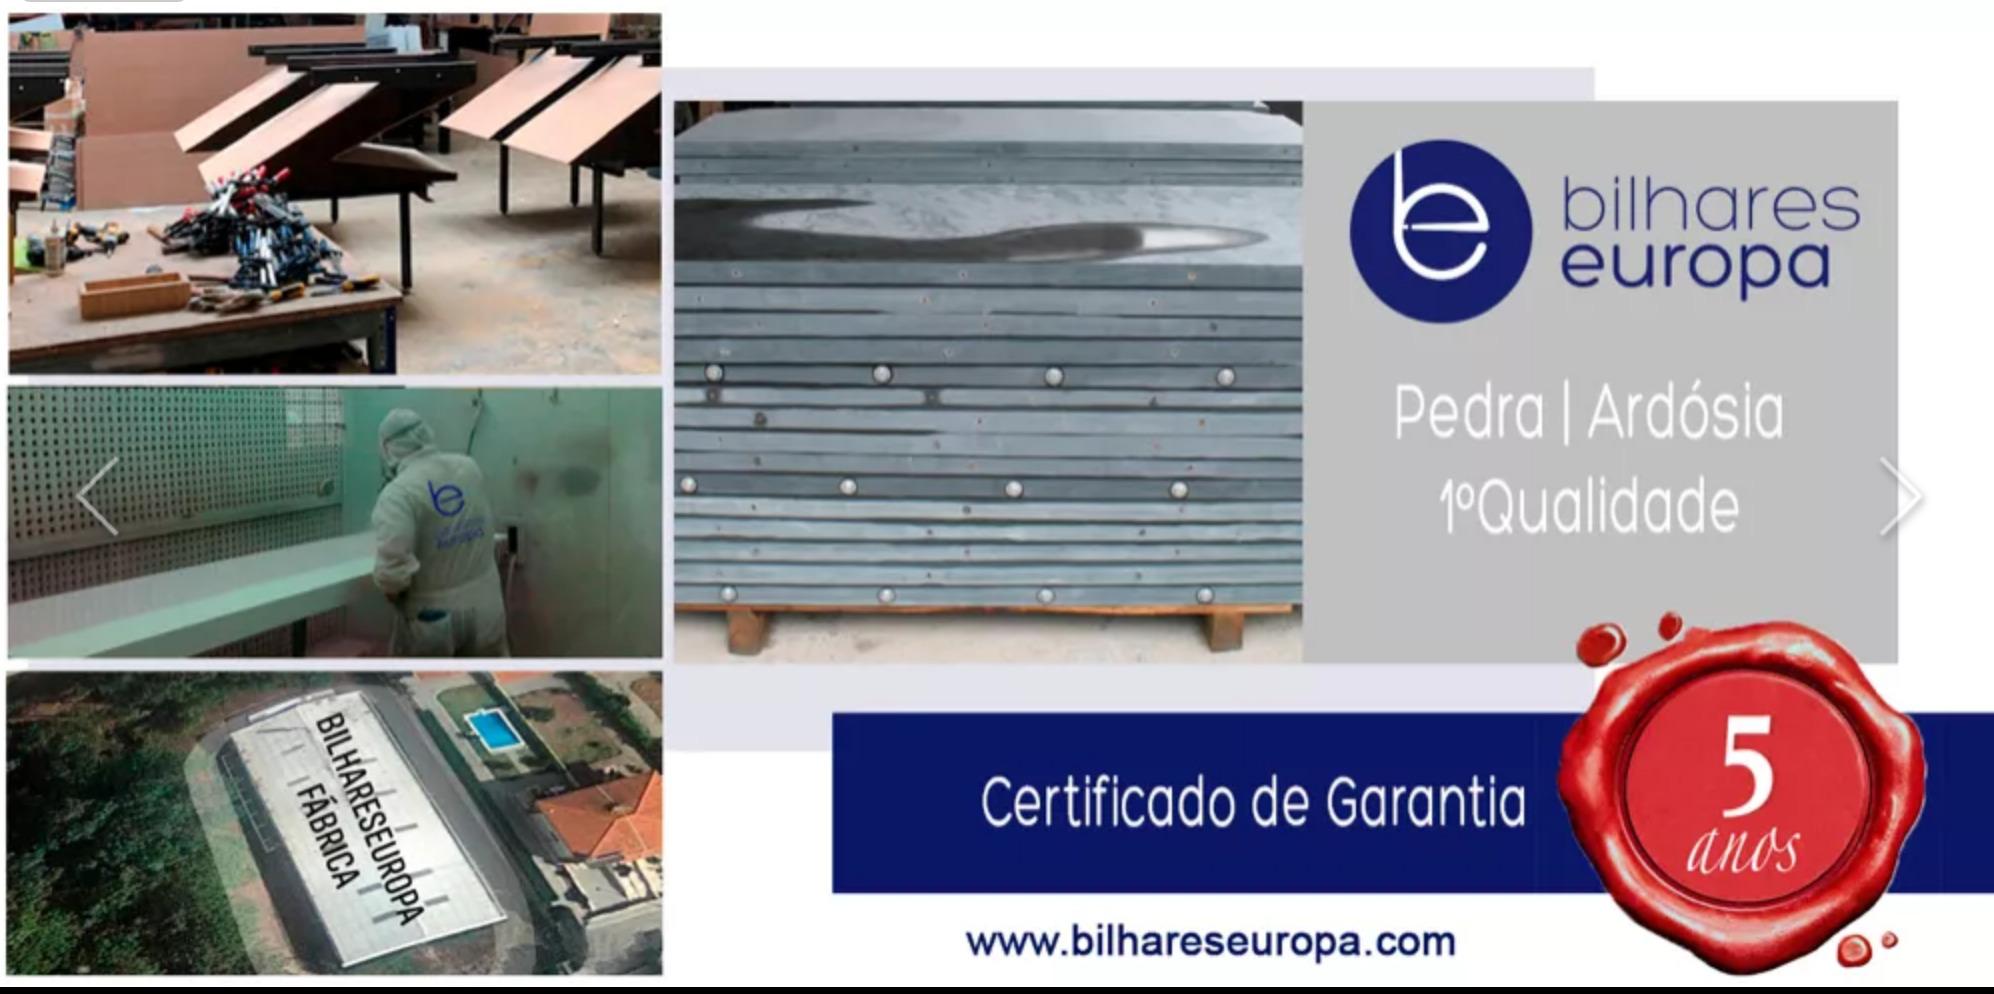 Screenshot_2019-09-30 Bilhares Europa fabricante Original Harmany Entregas gratis em país.jpg